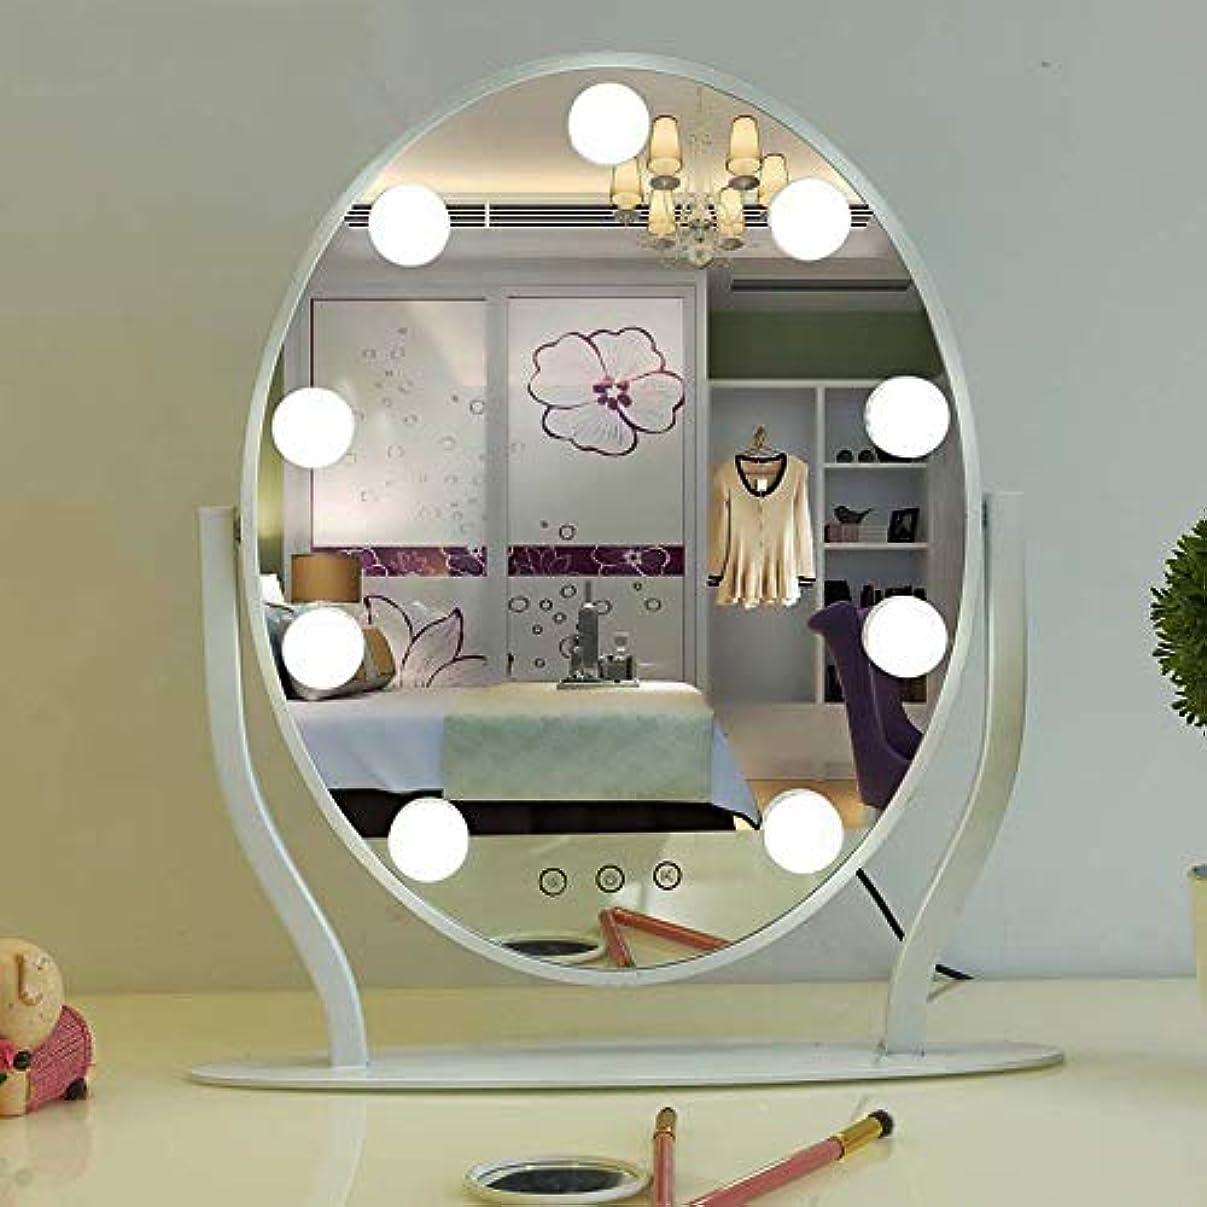 あいまいな魔女所持明るいLED化粧鏡 ライトアップ 大型ドレッサーミラー メタルフレーム 調整可能3光源 、センサースイッチ シェービングミラー 寝室 さんギフト